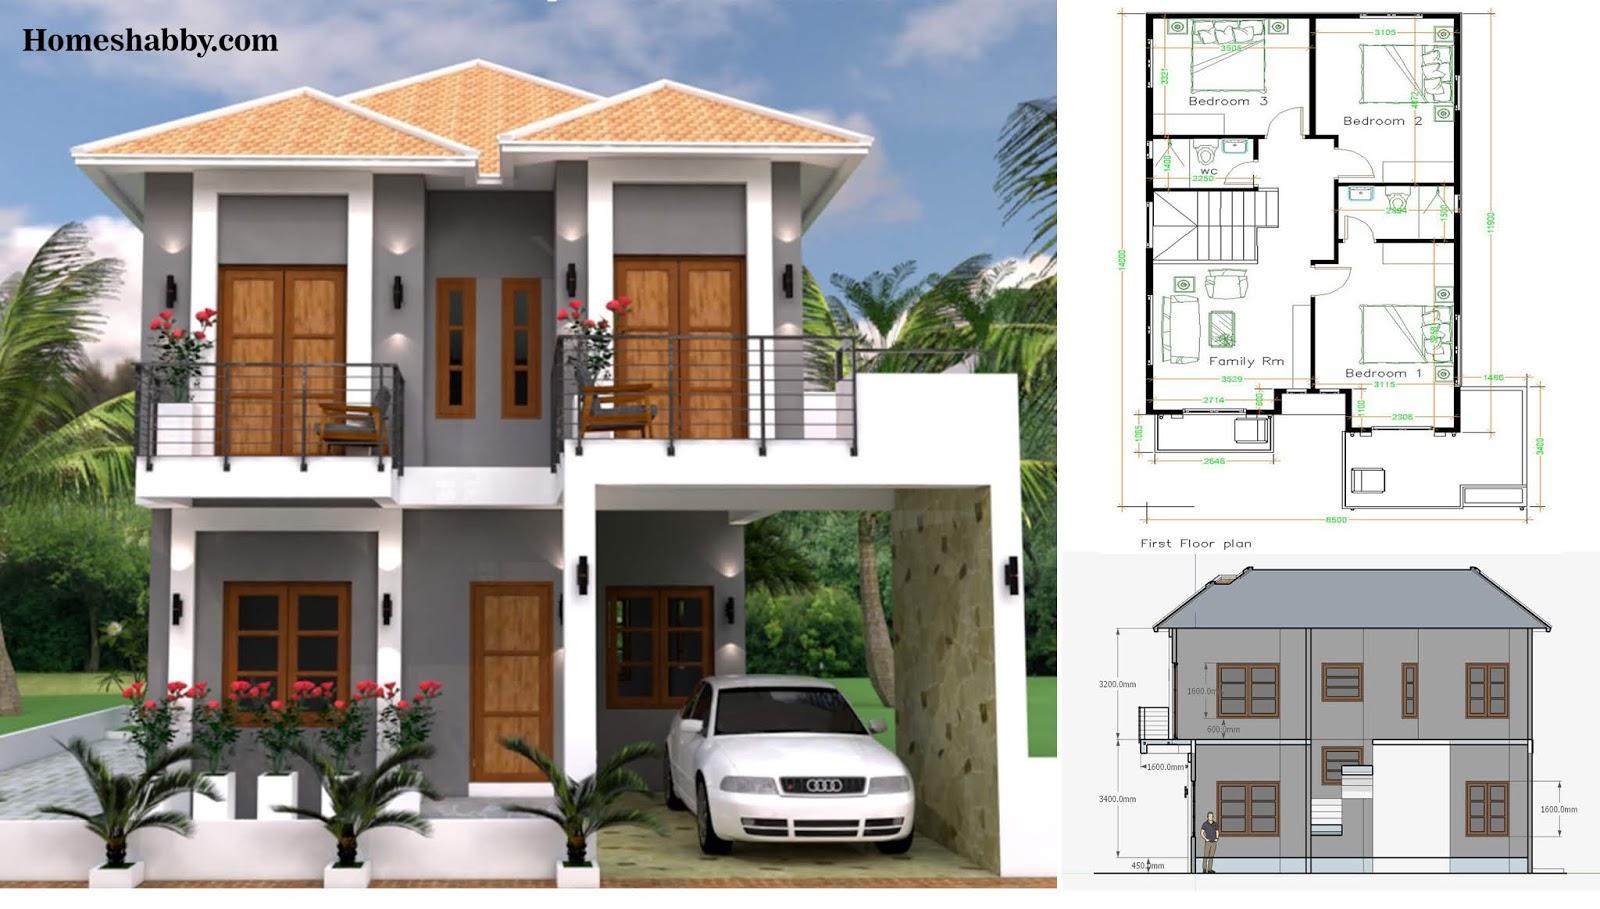 Desain Dan Denah Rumah Minimalis 2 Lantai Cocok Untuk Di Perkampungan Dan Perumahan Perkotaan Homeshabby Com Design Home Plans Home Decorating And Interior Design